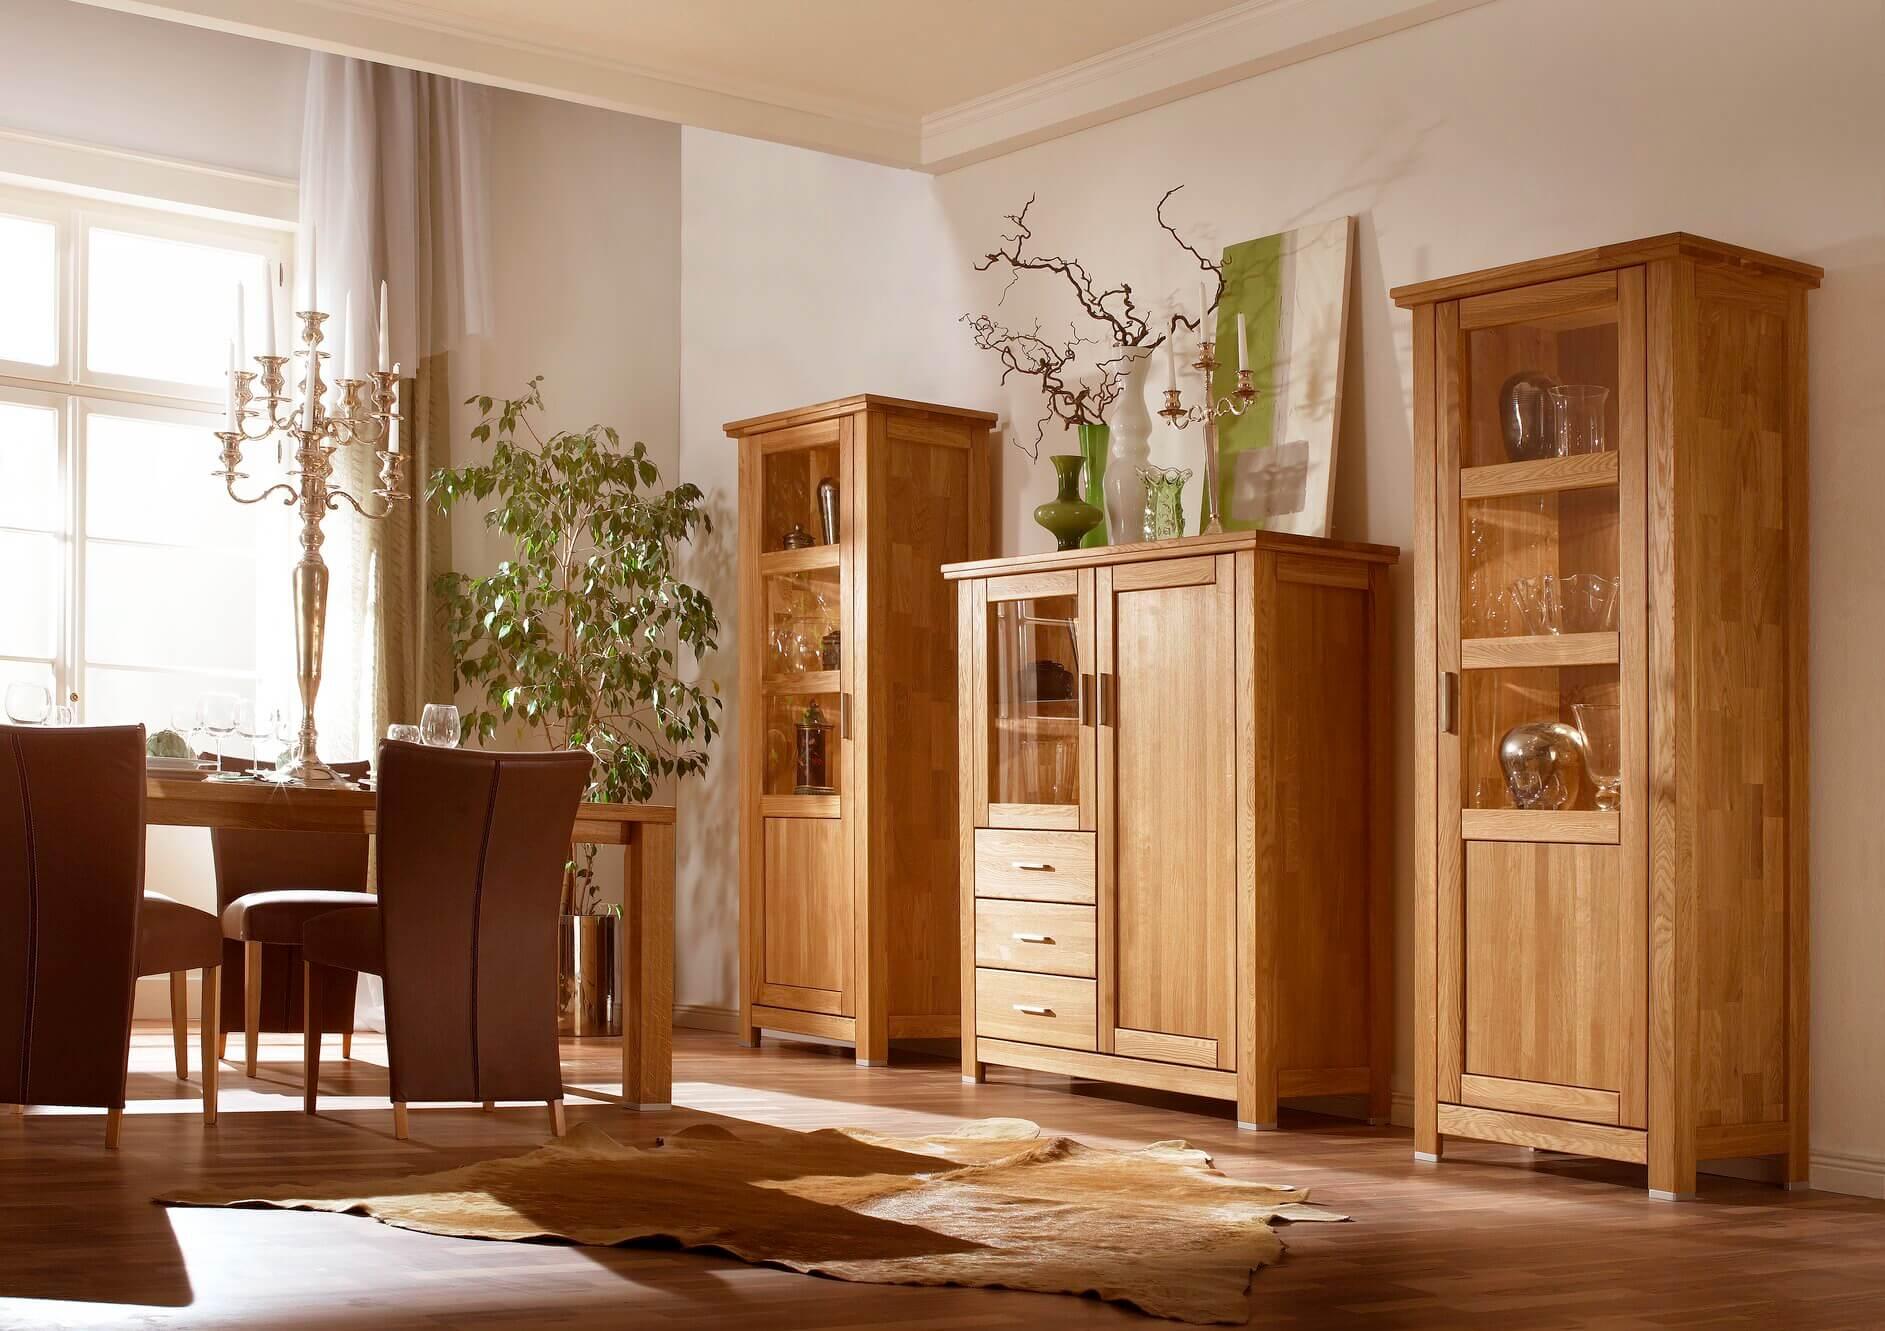 klasyczne-meble-drewniane-PORTO Typen 10-45-11 + oswietlenie